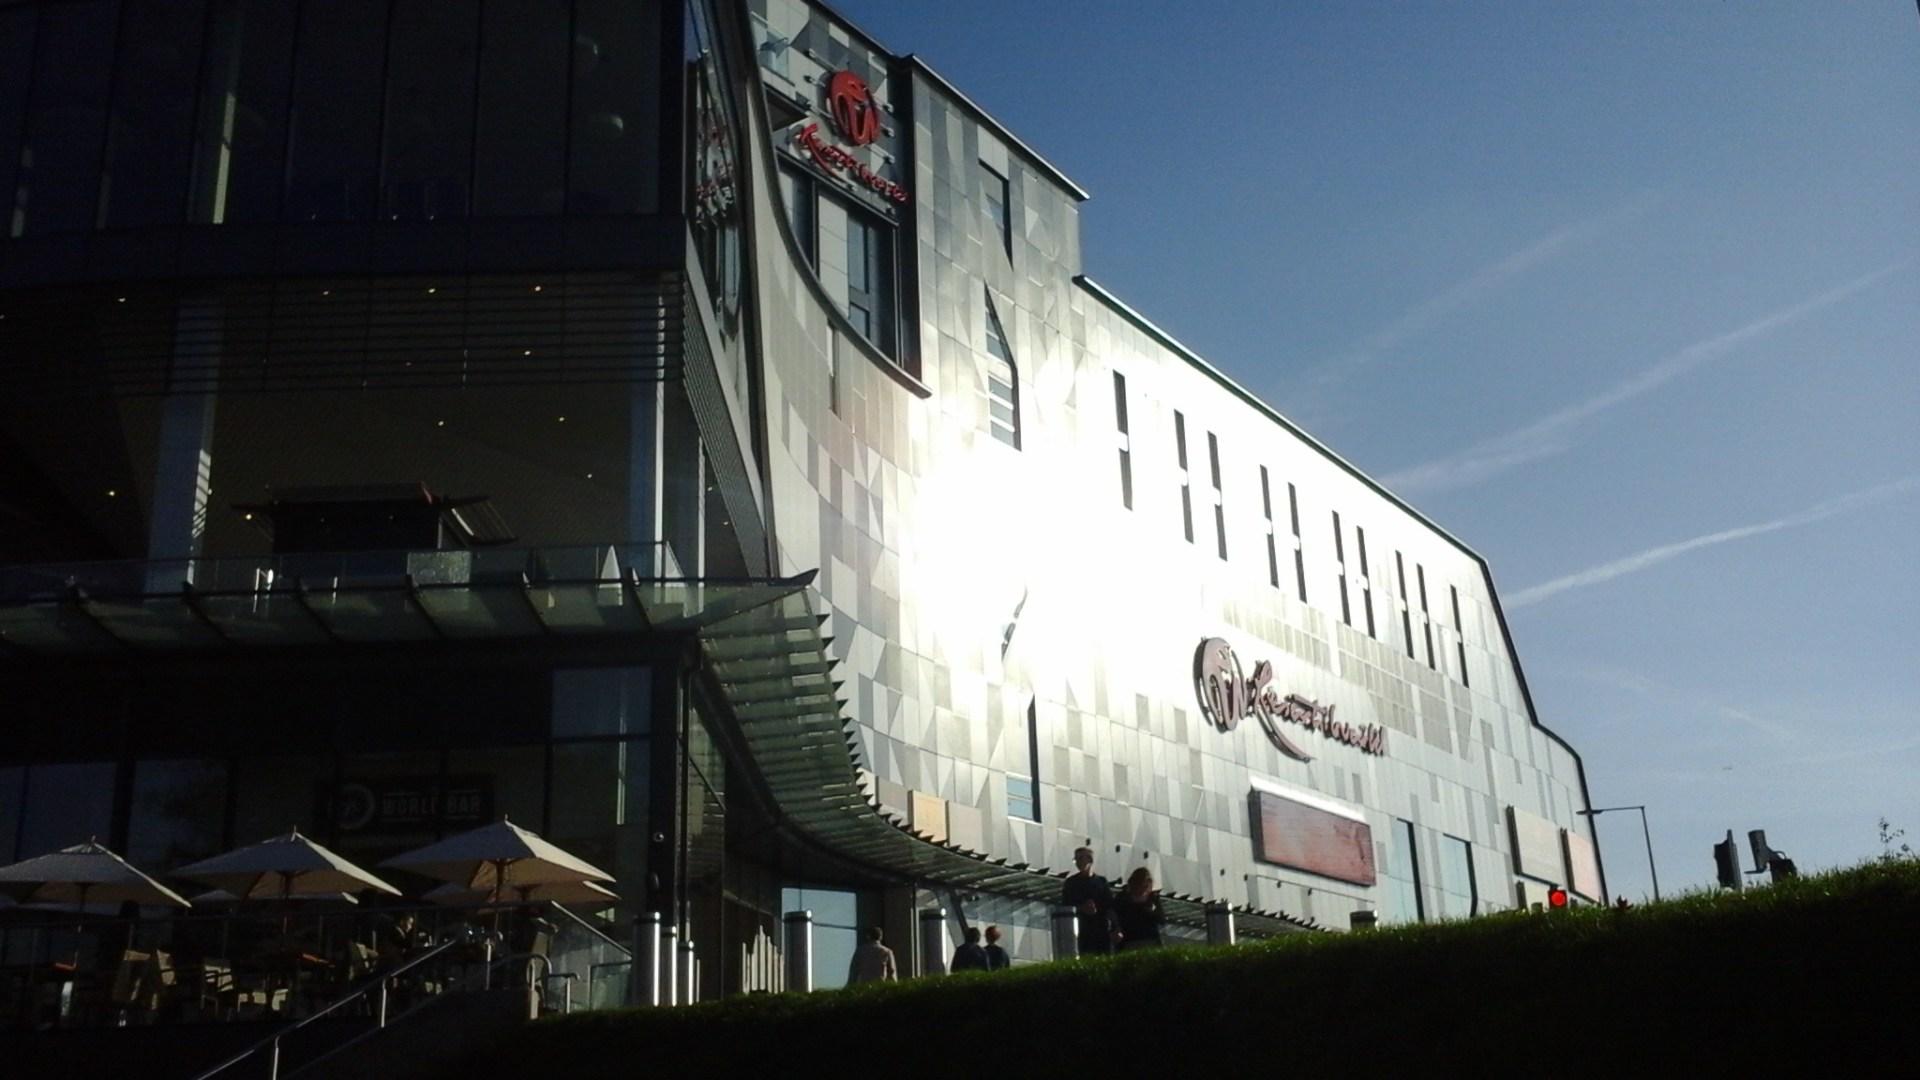 Visiting Resorts World